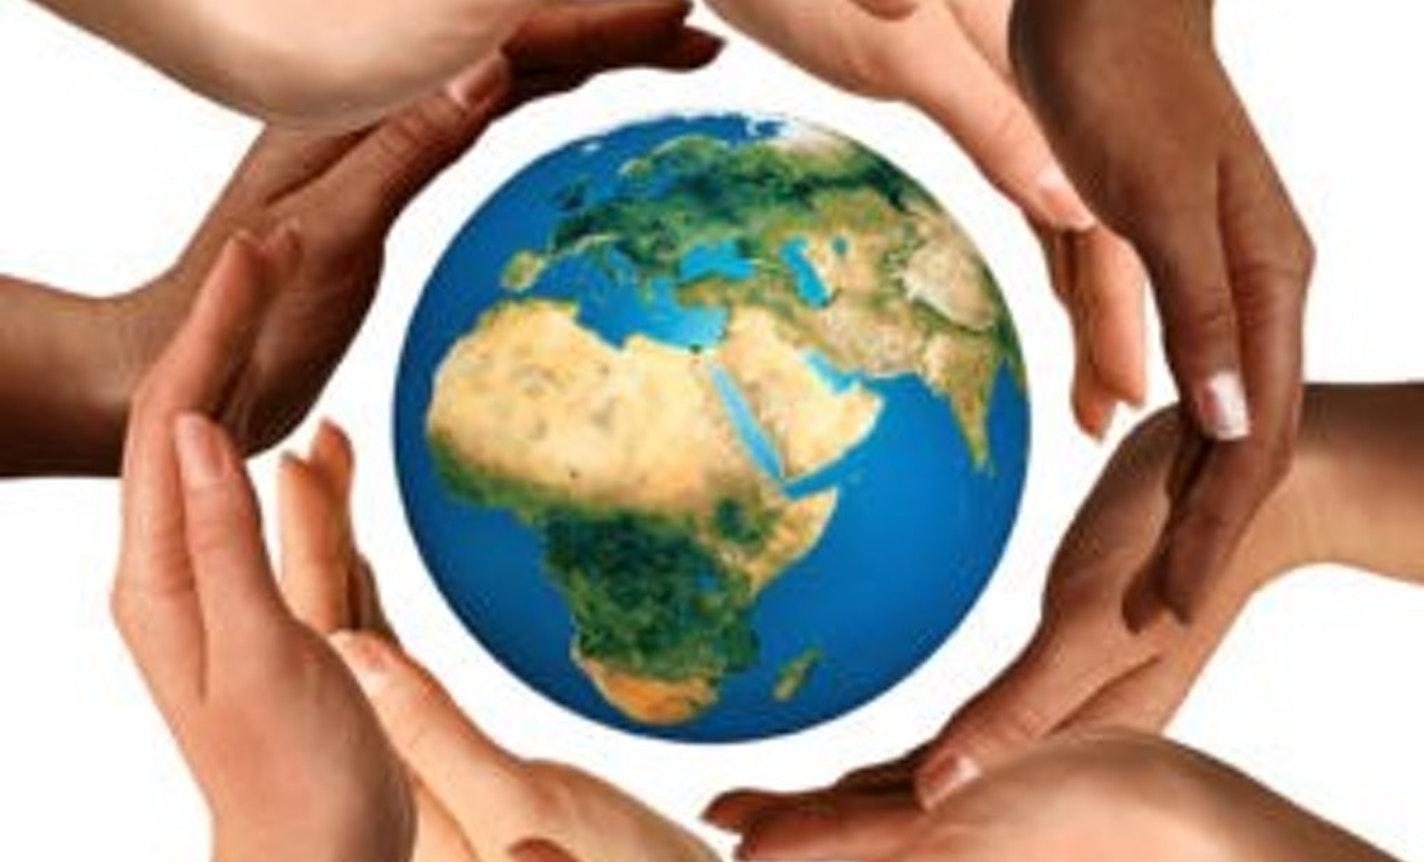 Level 1 End-of-Life Doula Community Caregiver Training